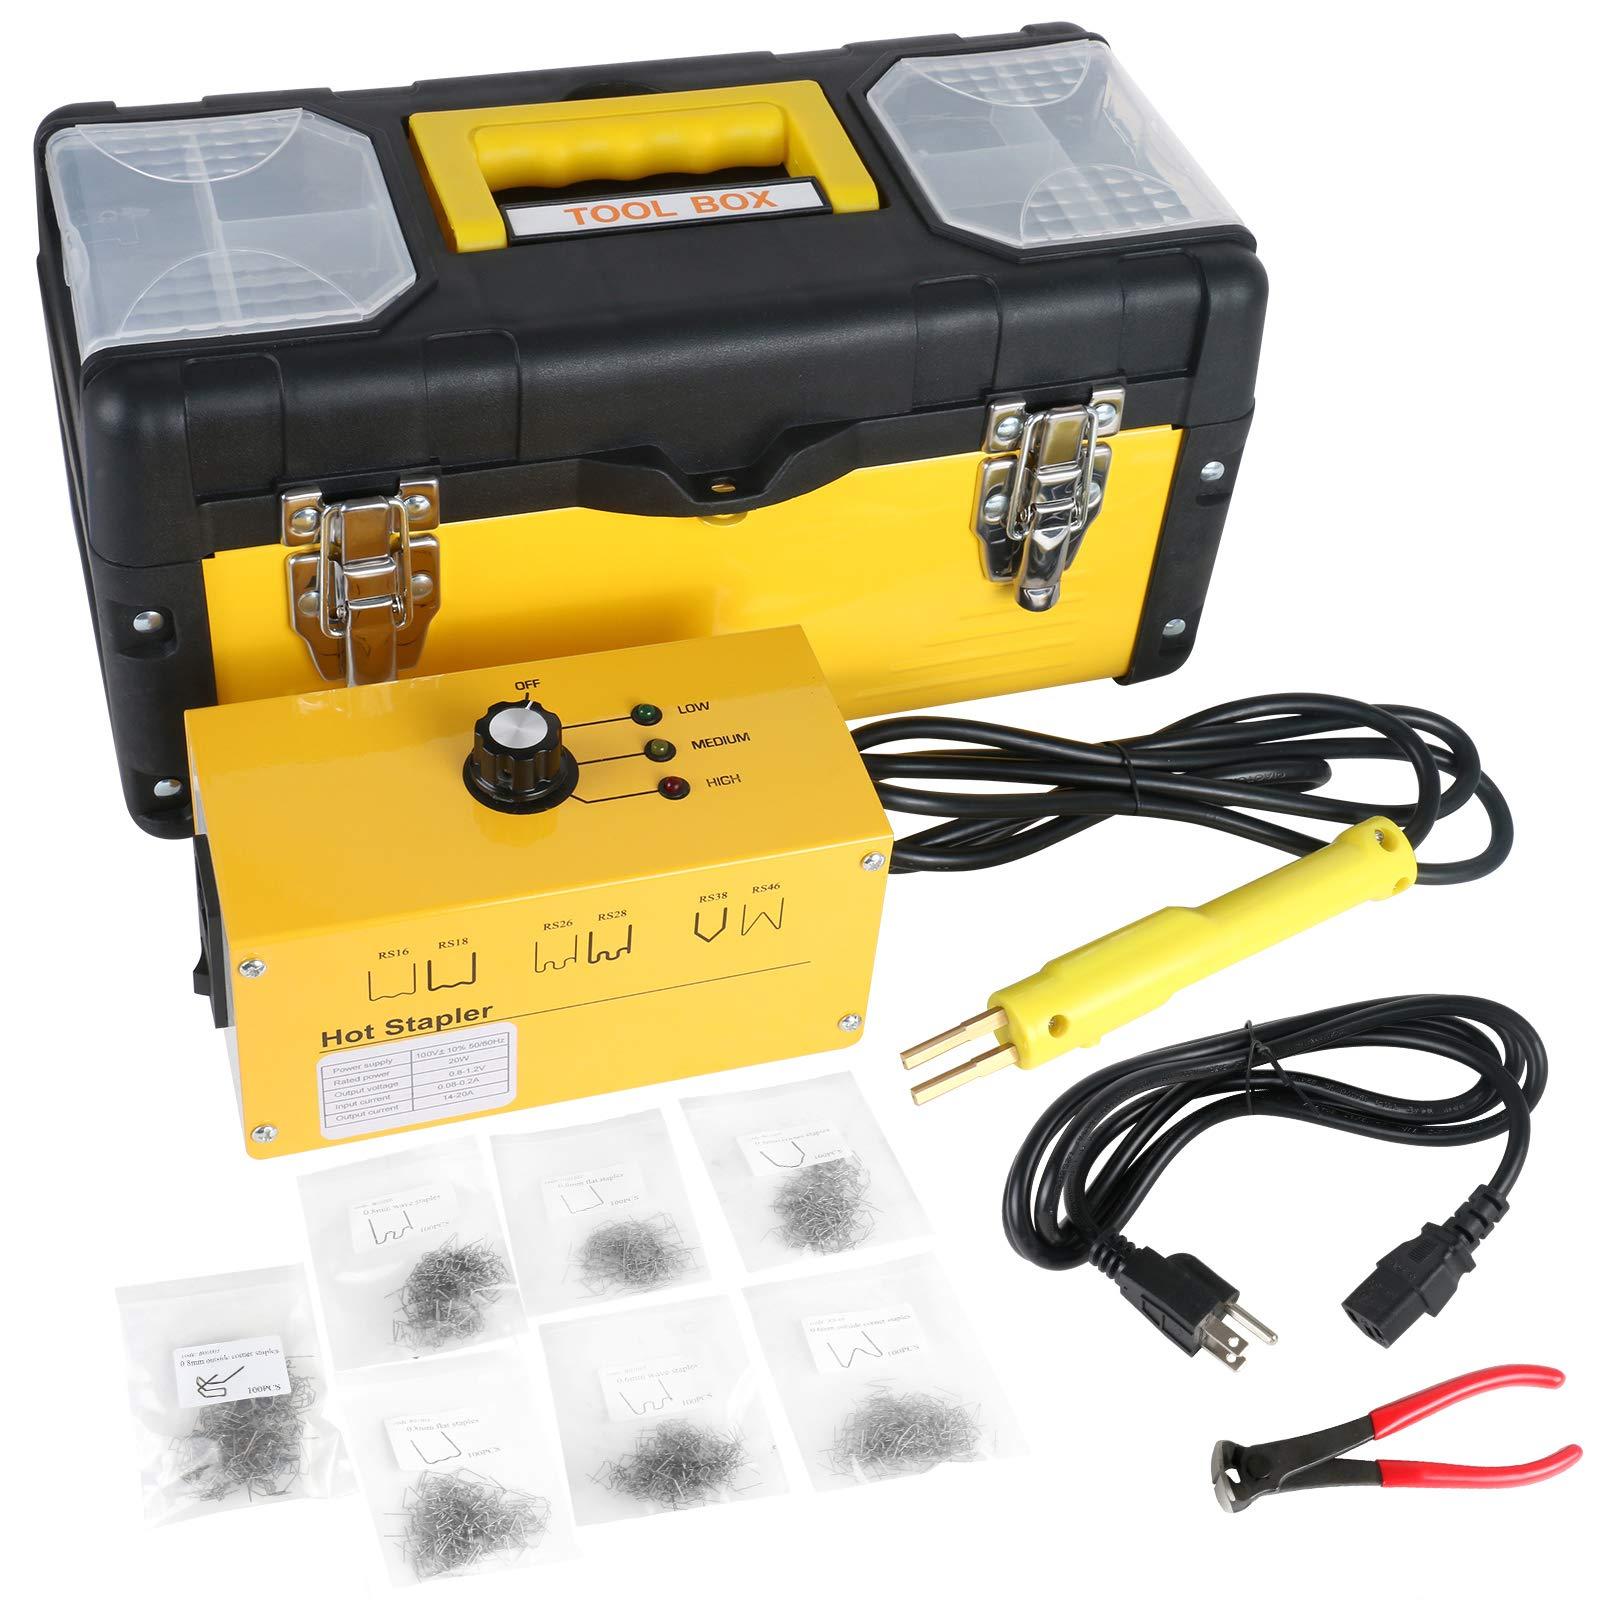 BELEY Car Bumper Repair Plastic Welder Kit, 110V Hot Stapler Plastic Welding Hot Staple Gun with 700PCS Staples by BELEY